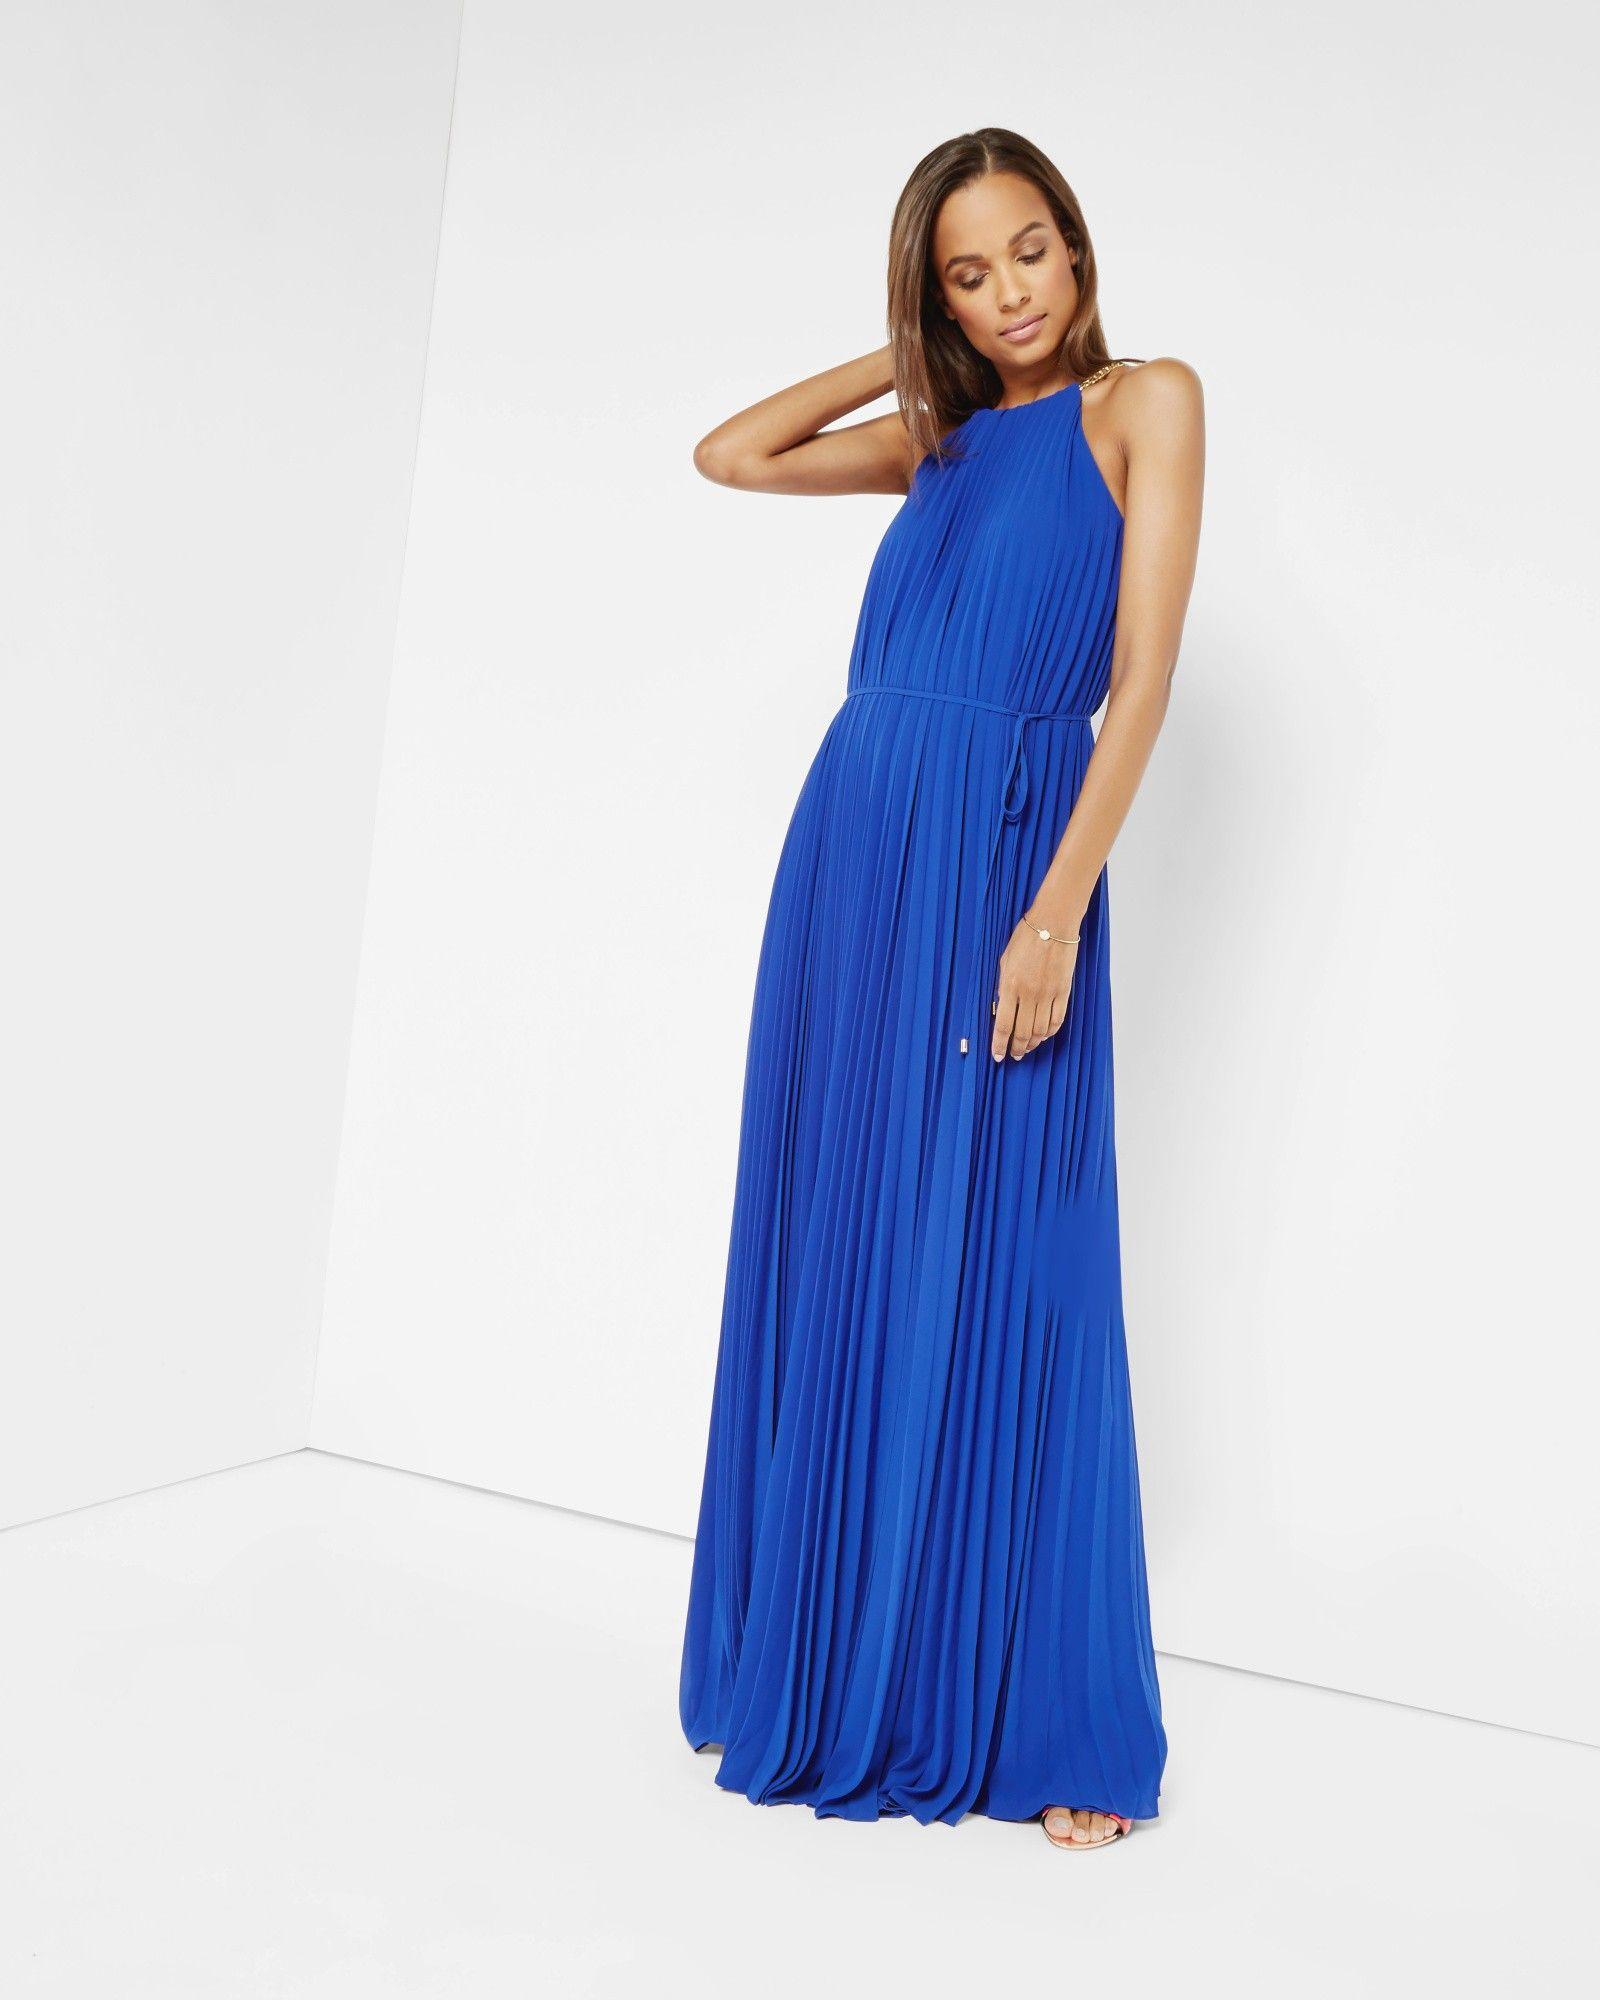 HANNAA Pleated maxi dress Bright Blue - ladies dresses - ted bake ...